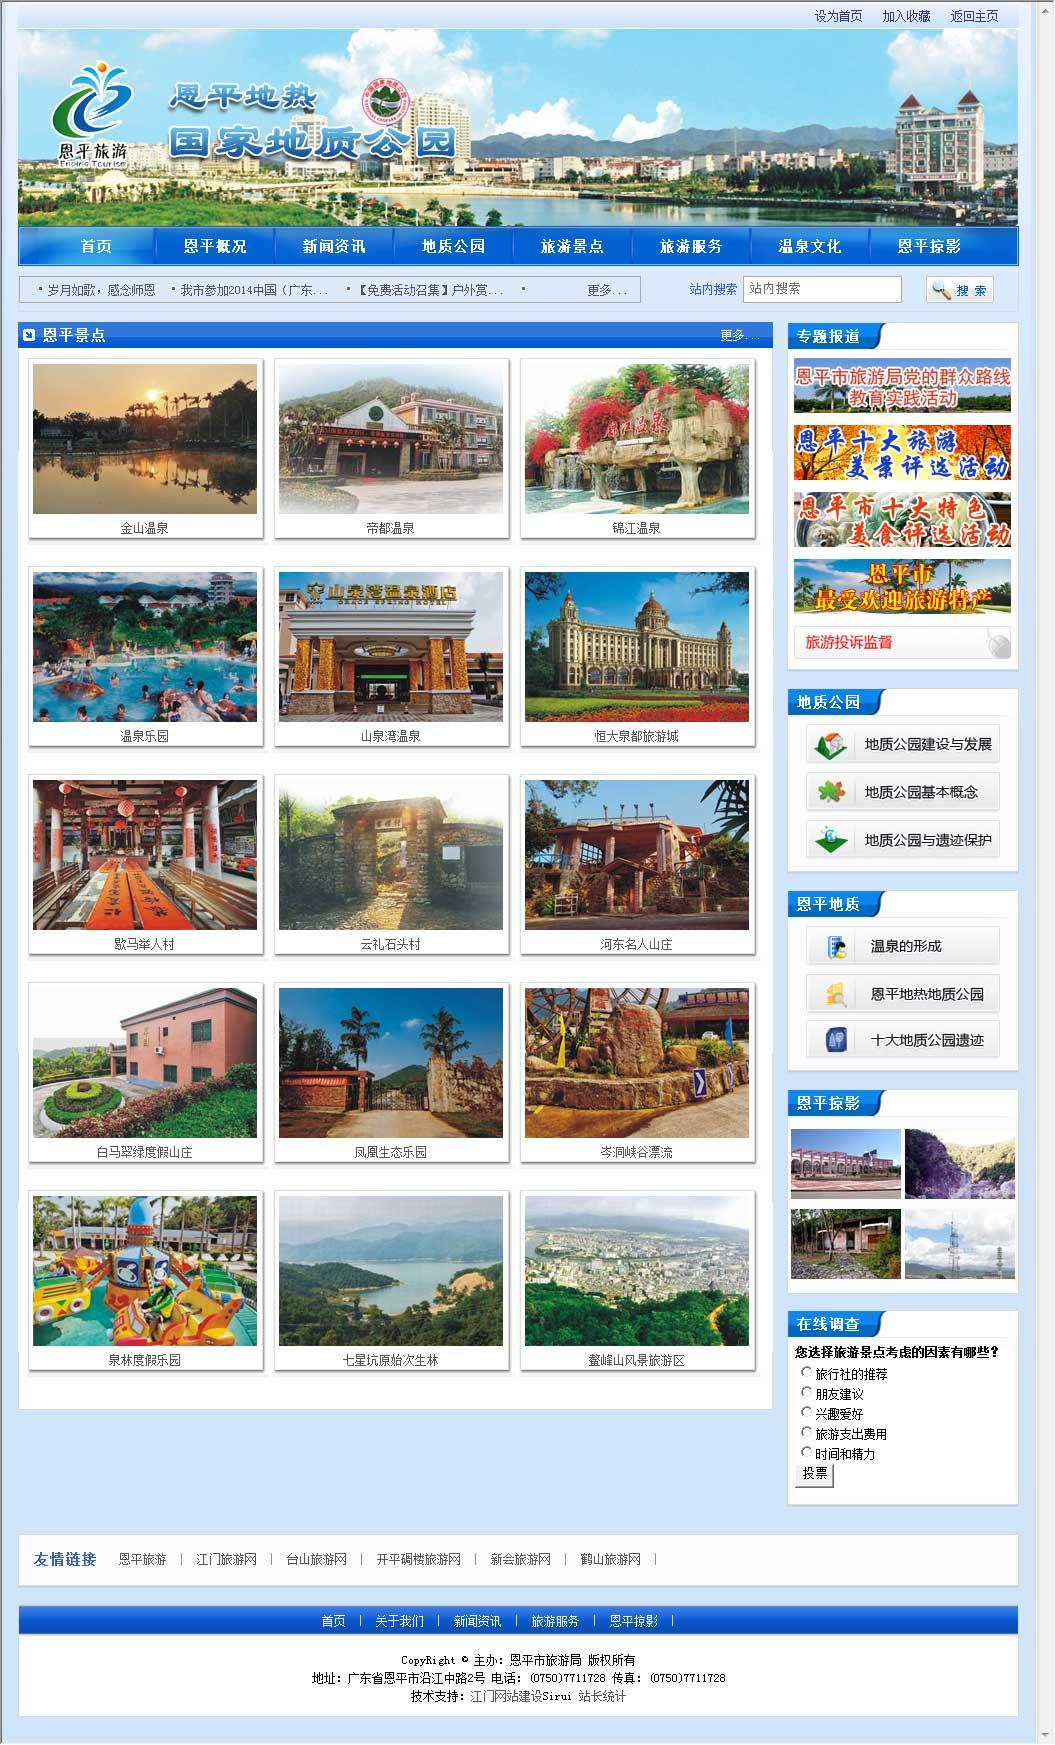 恩平市旅游局官方网.jpg